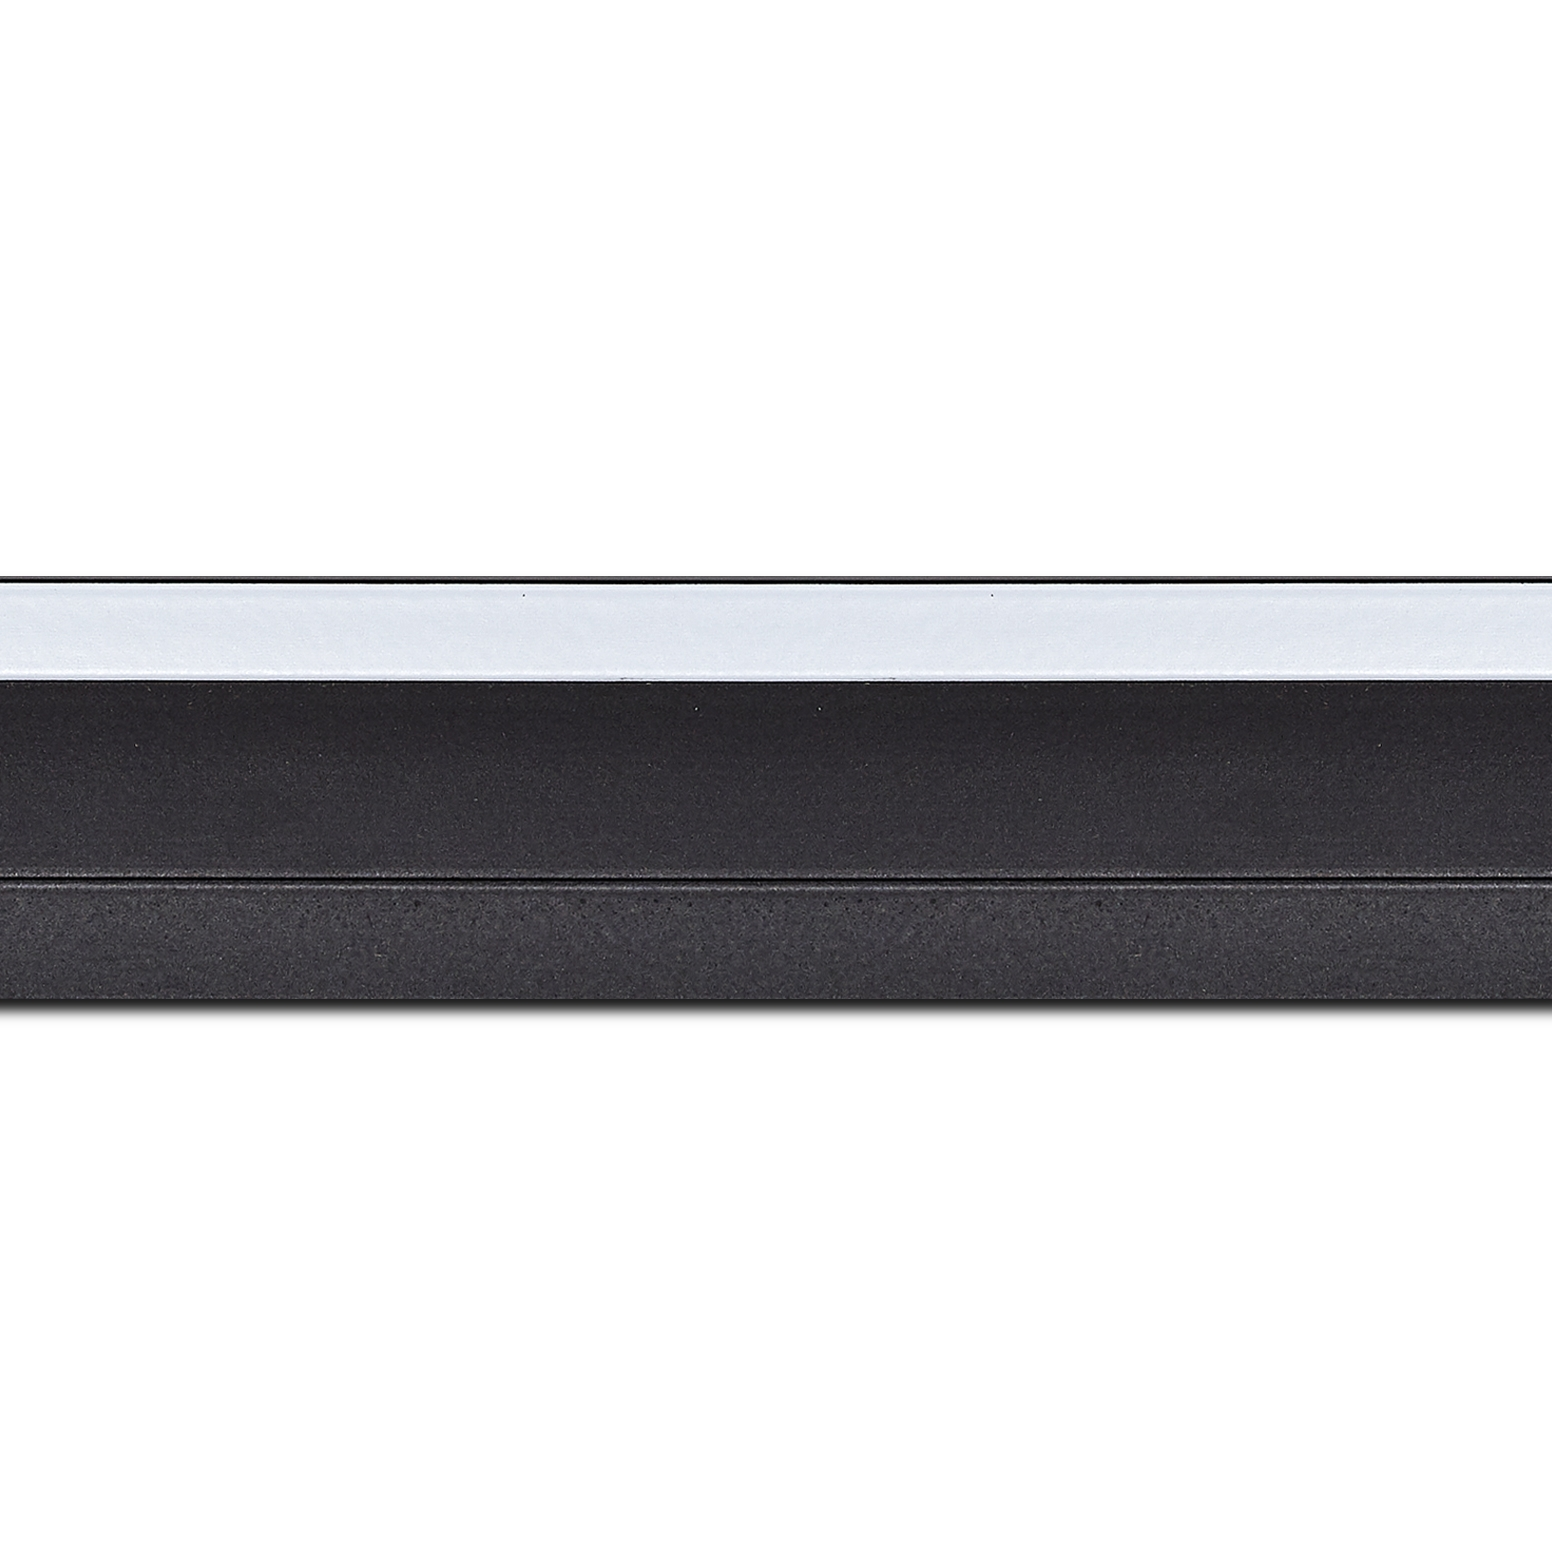 Baguette longueur 1.40m bois caisse américaine profil escalier largeur 4.4cm noir mat filet blanc (spécialement conçu pour les châssis d'une épaisseur jusqu'à 2.5cm )